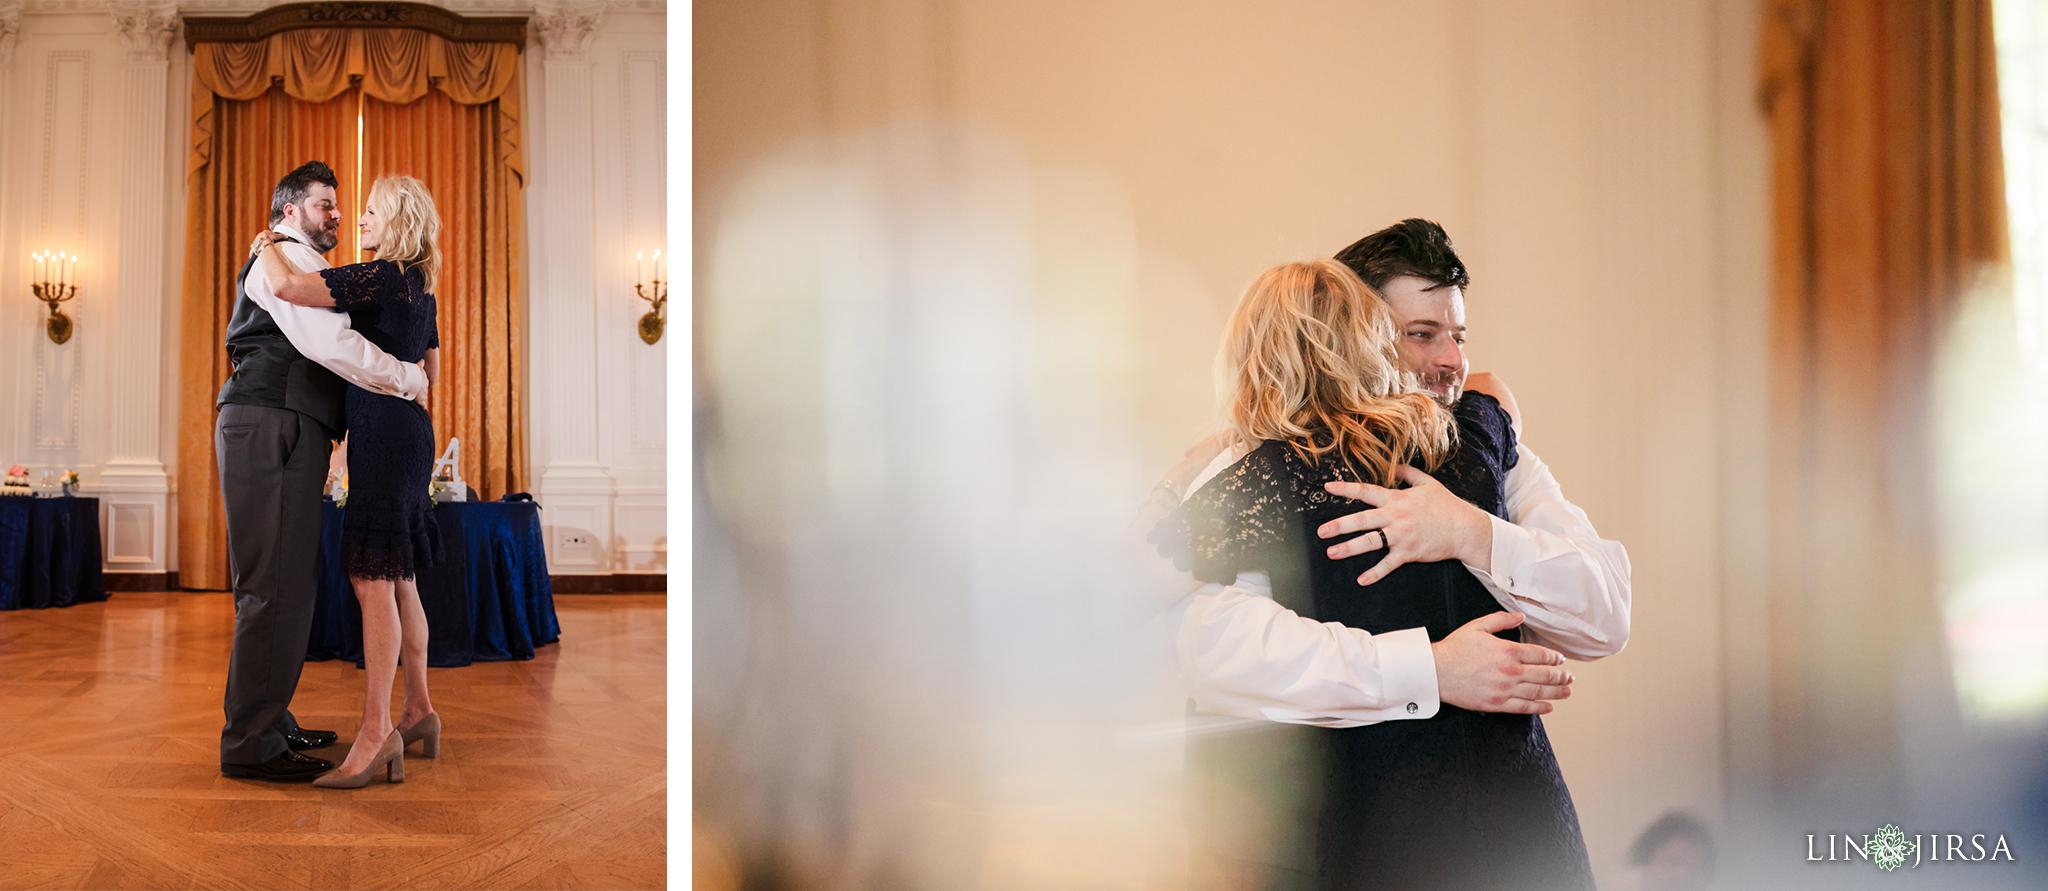 28 Richard Nixon Library Wedding Photographer